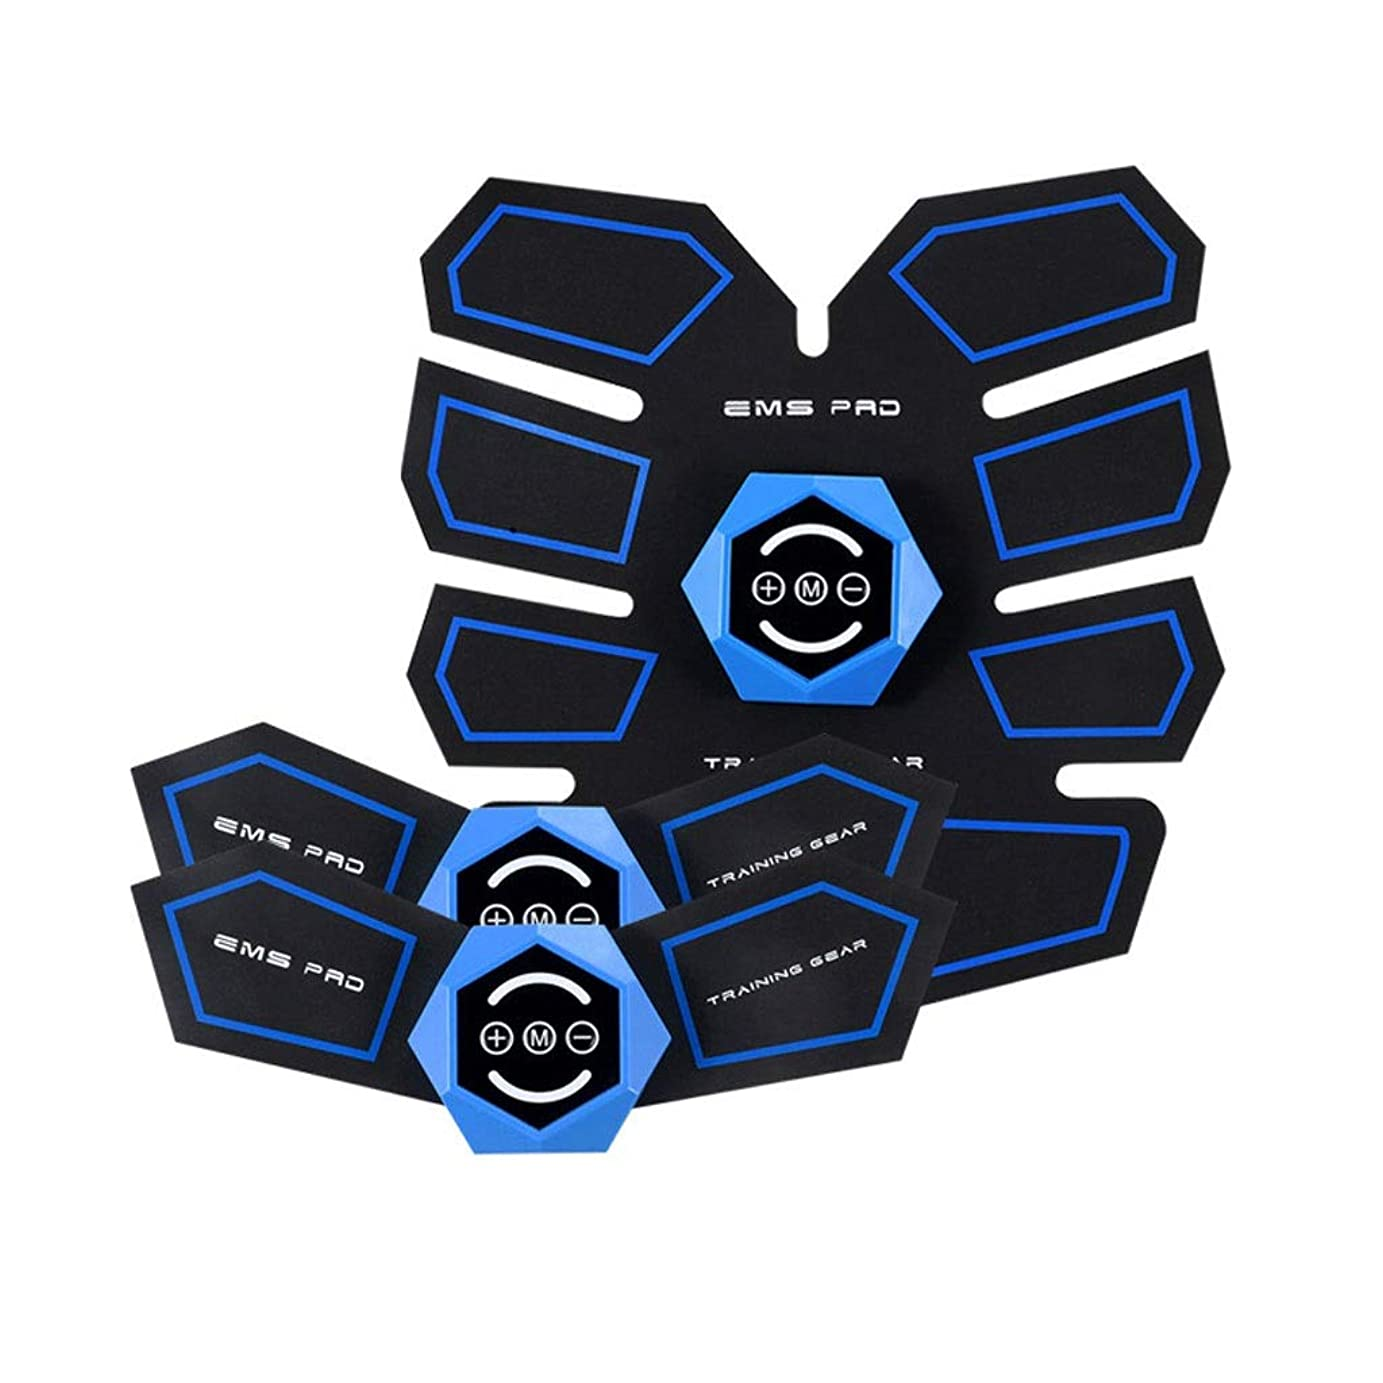 スモッグもっと少なく前置詞ABSトレーナーEMS腹部電気マッスルスティミュレーター筋肉トナー調色ベルトフィットネストレーニングギアABSエクササイズマシンウエストトレーナーホームワークアウトフィットネス (Size : A)